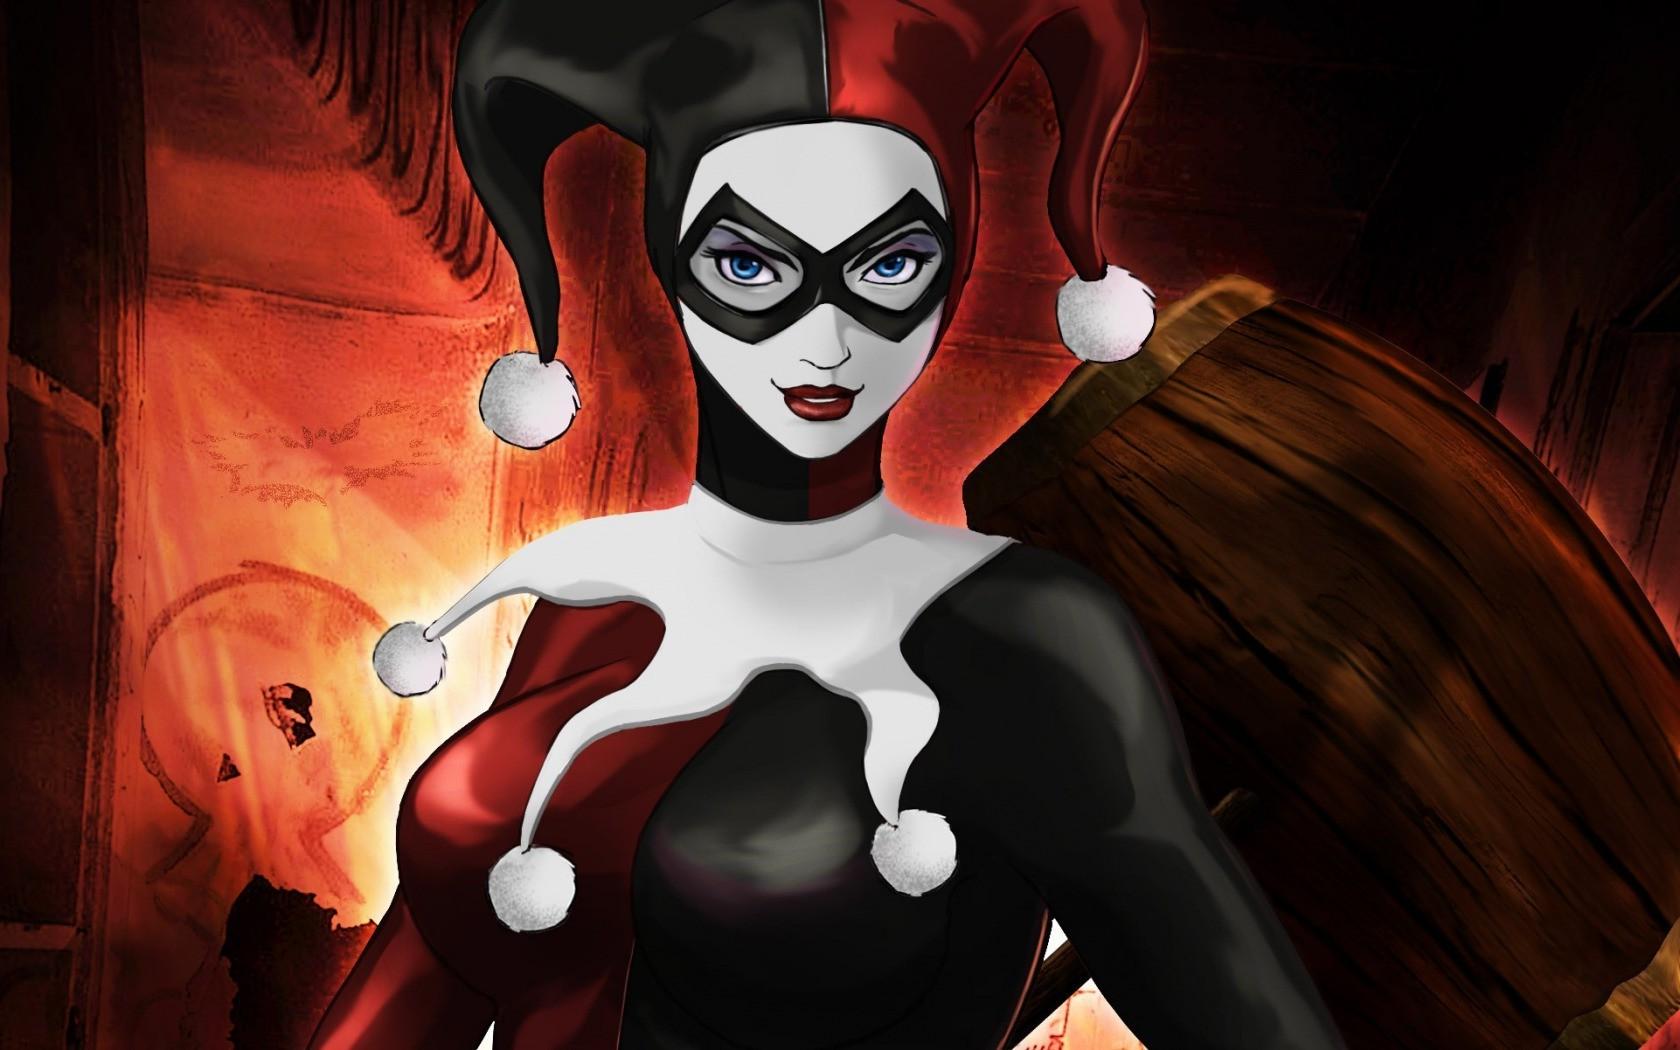 Top Wallpaper Halloween Batman - 1680x1050-px-Batman-DC-Comics-digital-art-Harley-Quinn-Joker-666770  Gallery_28854.jpg